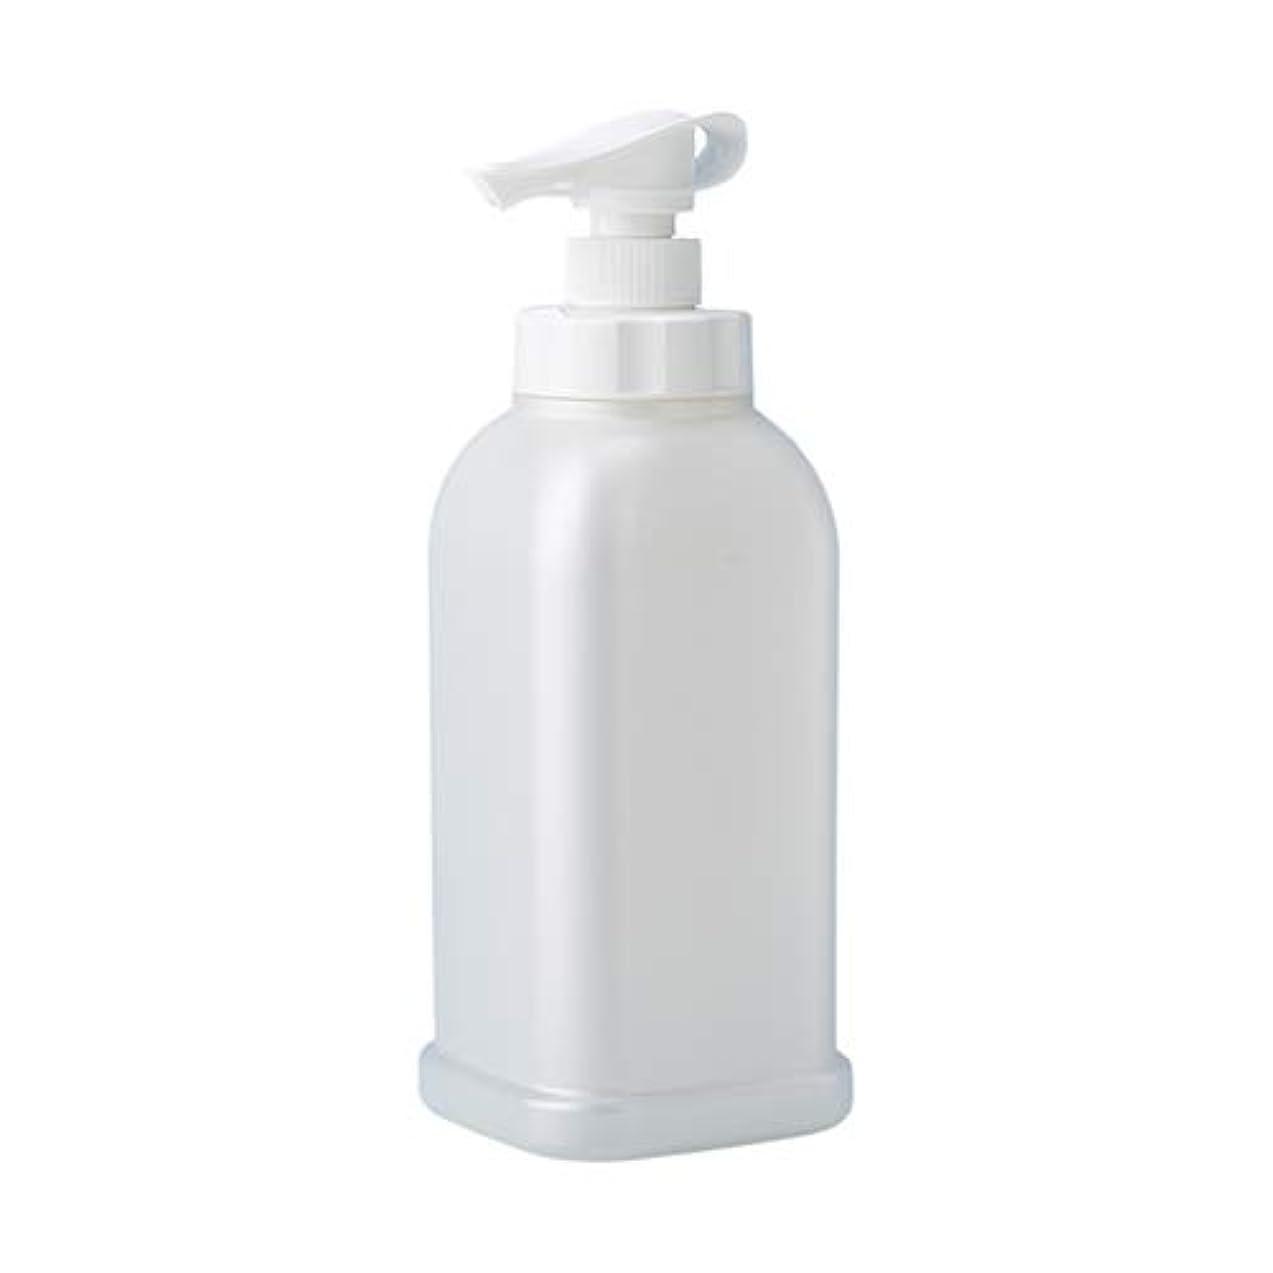 行政フレキシブルループ安定感のある ポンプボトル シャンプー コンディショナー リンス ボディソープ ハンドソープ 1.2L詰め替え容器 パールホワイト